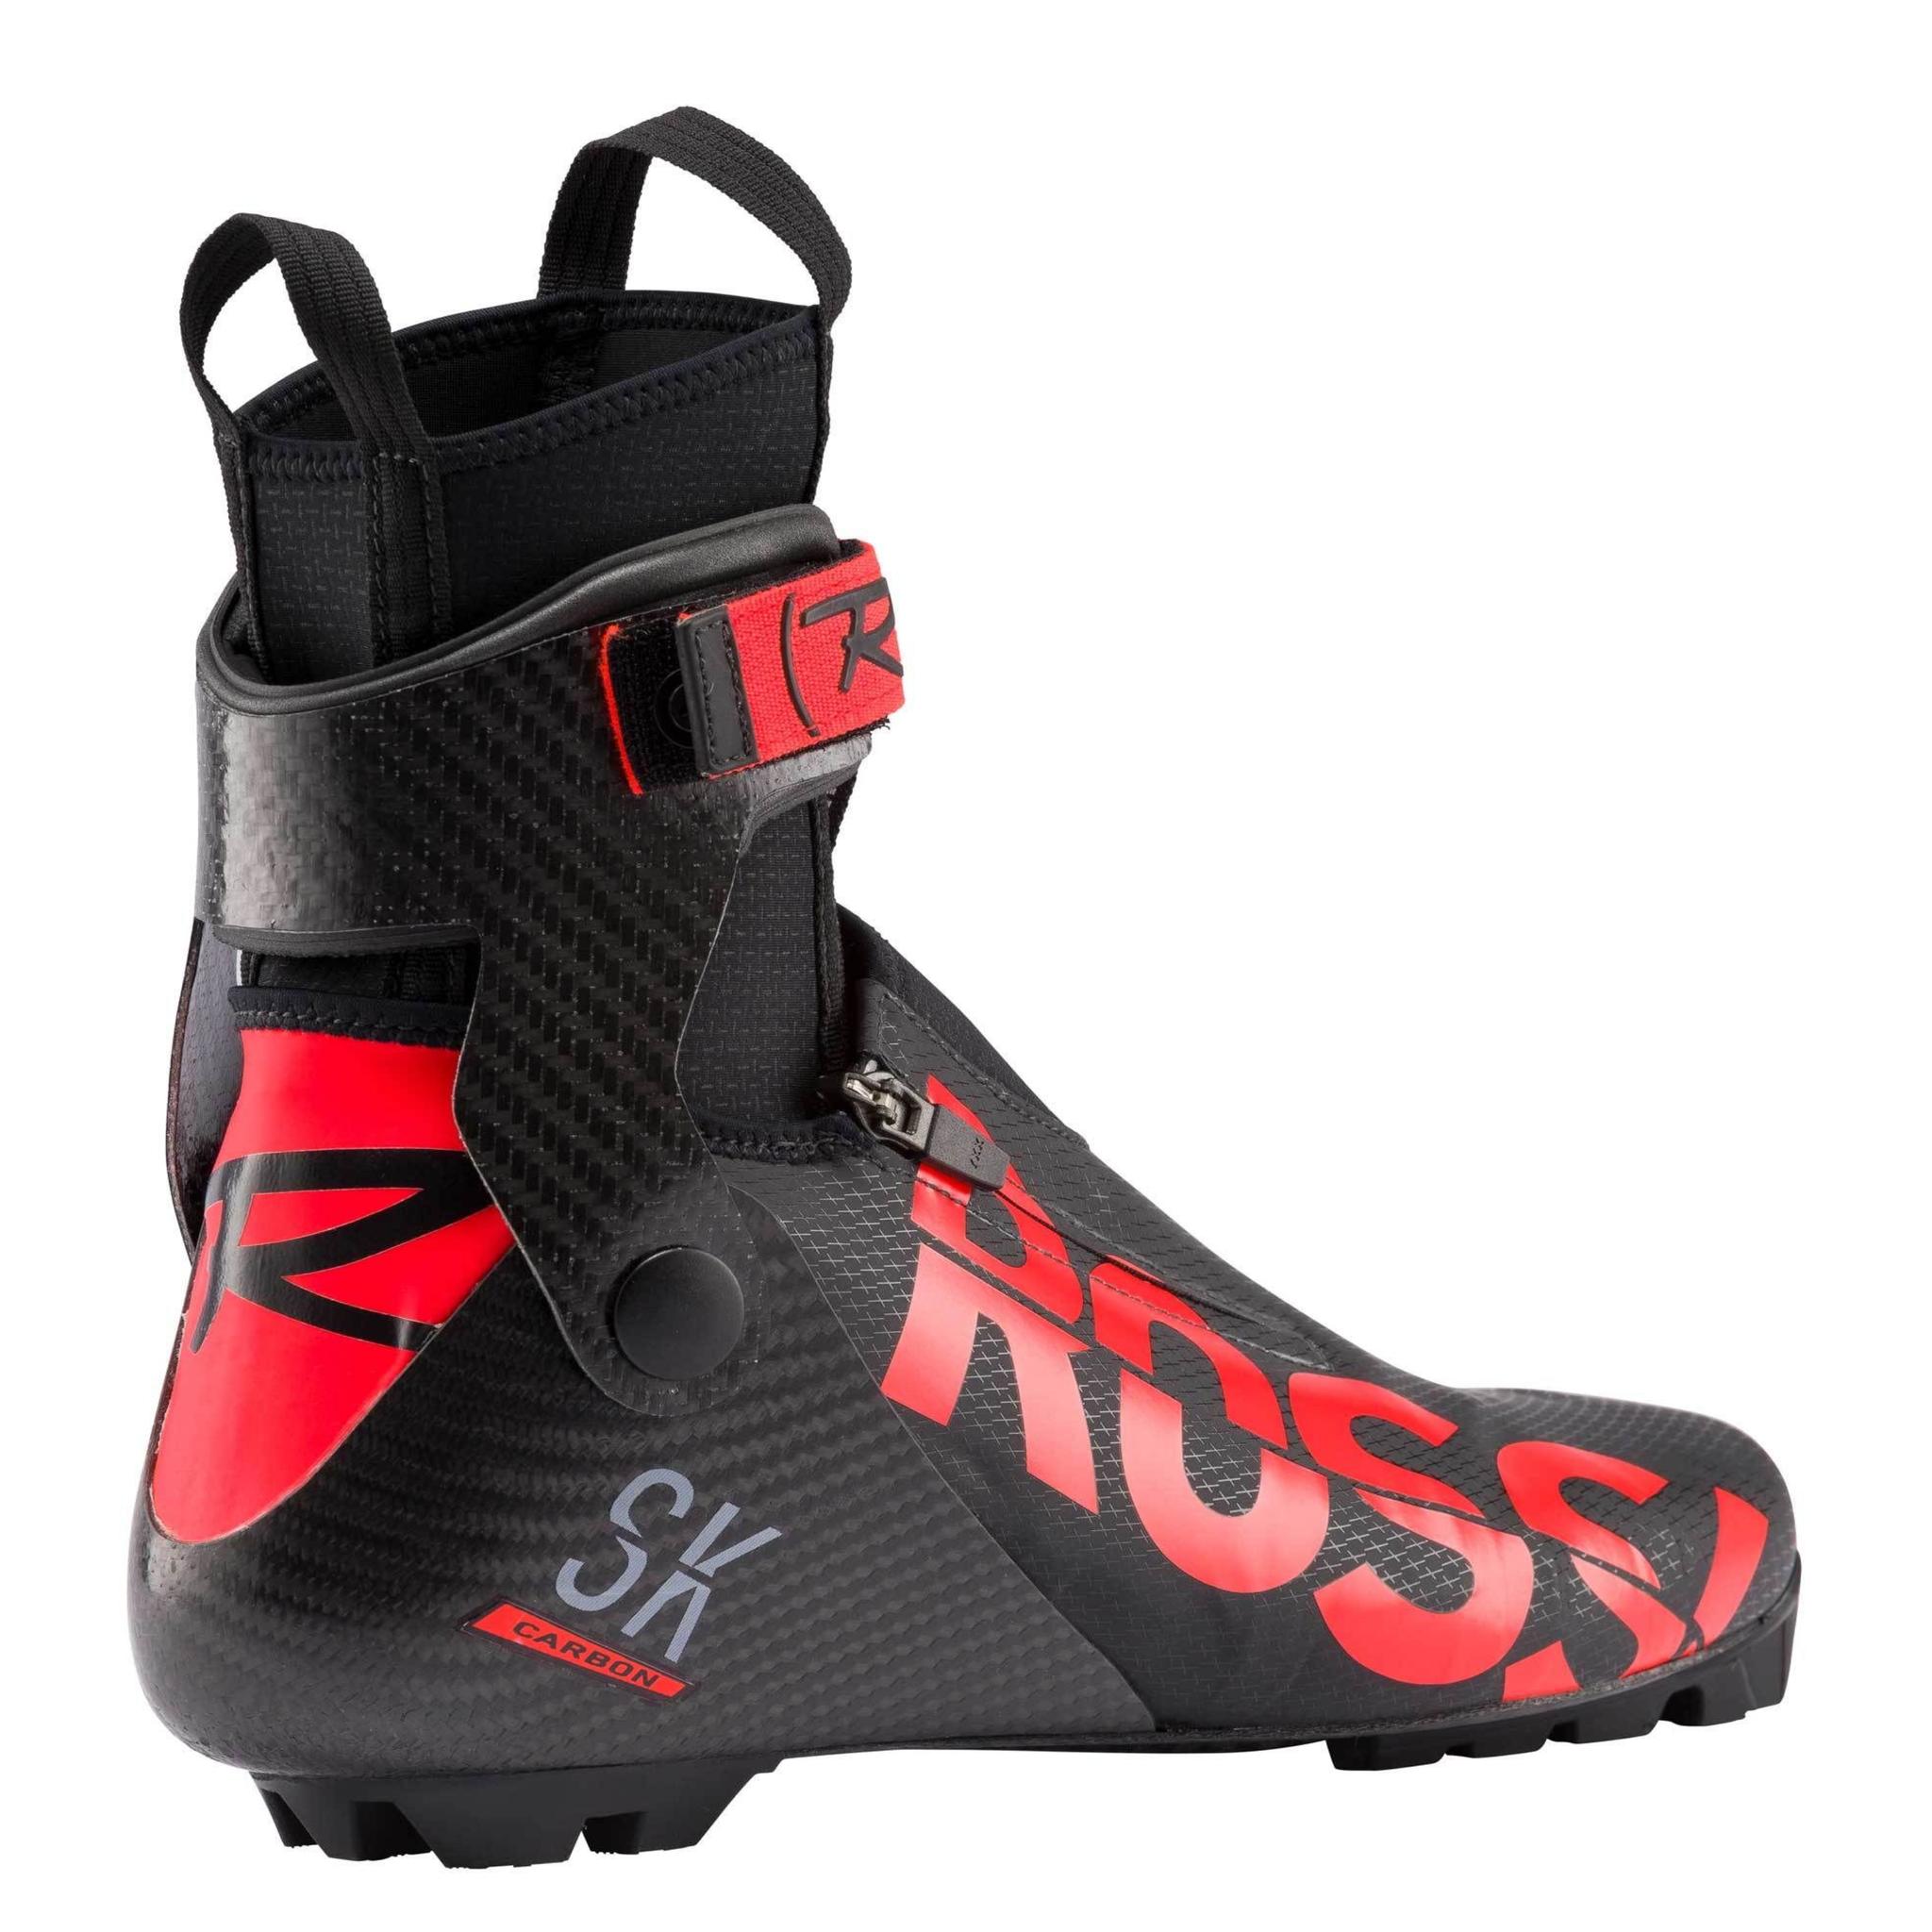 Rossignol X-Ium Carbon Premium Skate Boots 2020